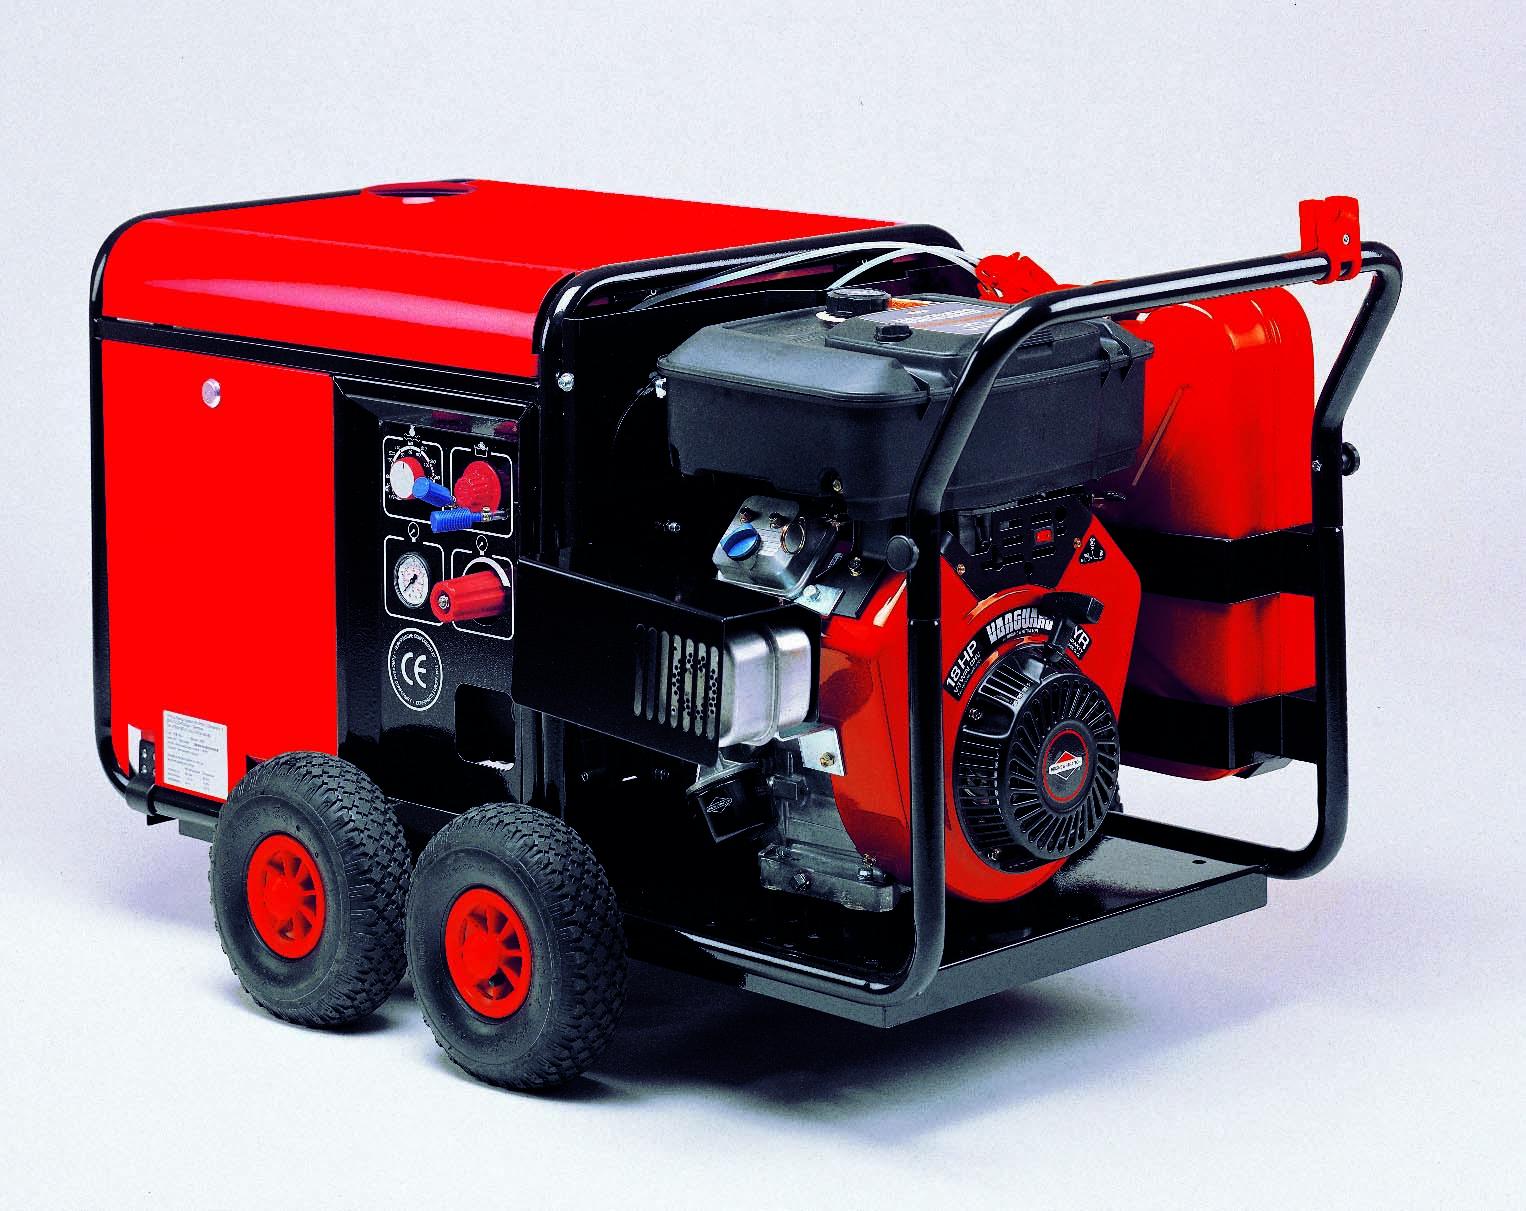 Vysokotlaký horkovodní čistící stroj Ehrle HDD 1240